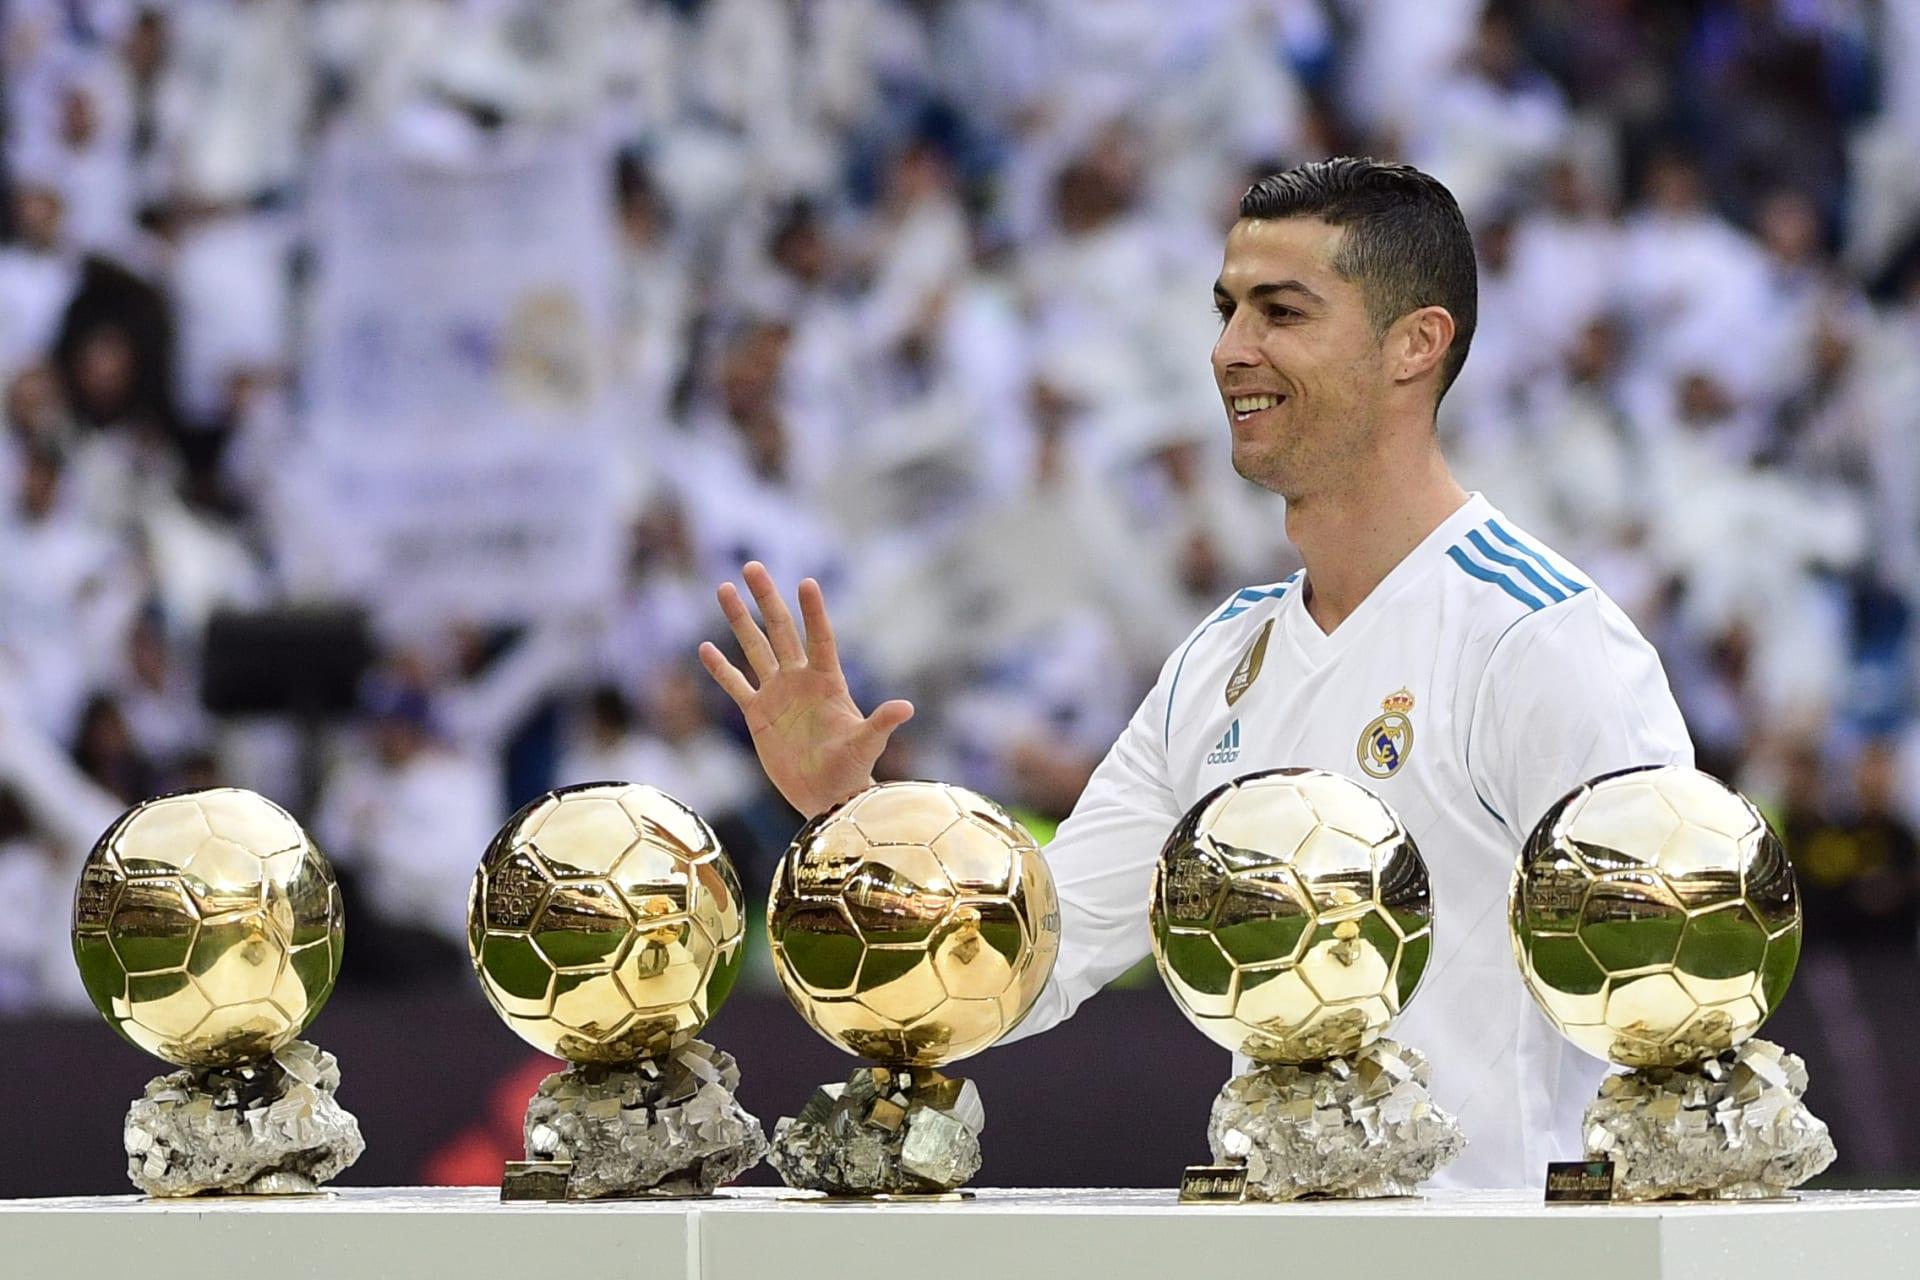 بعضها قد يصدمك.. إليك أغرب تصريحات نجوم كرة القدم في 2017